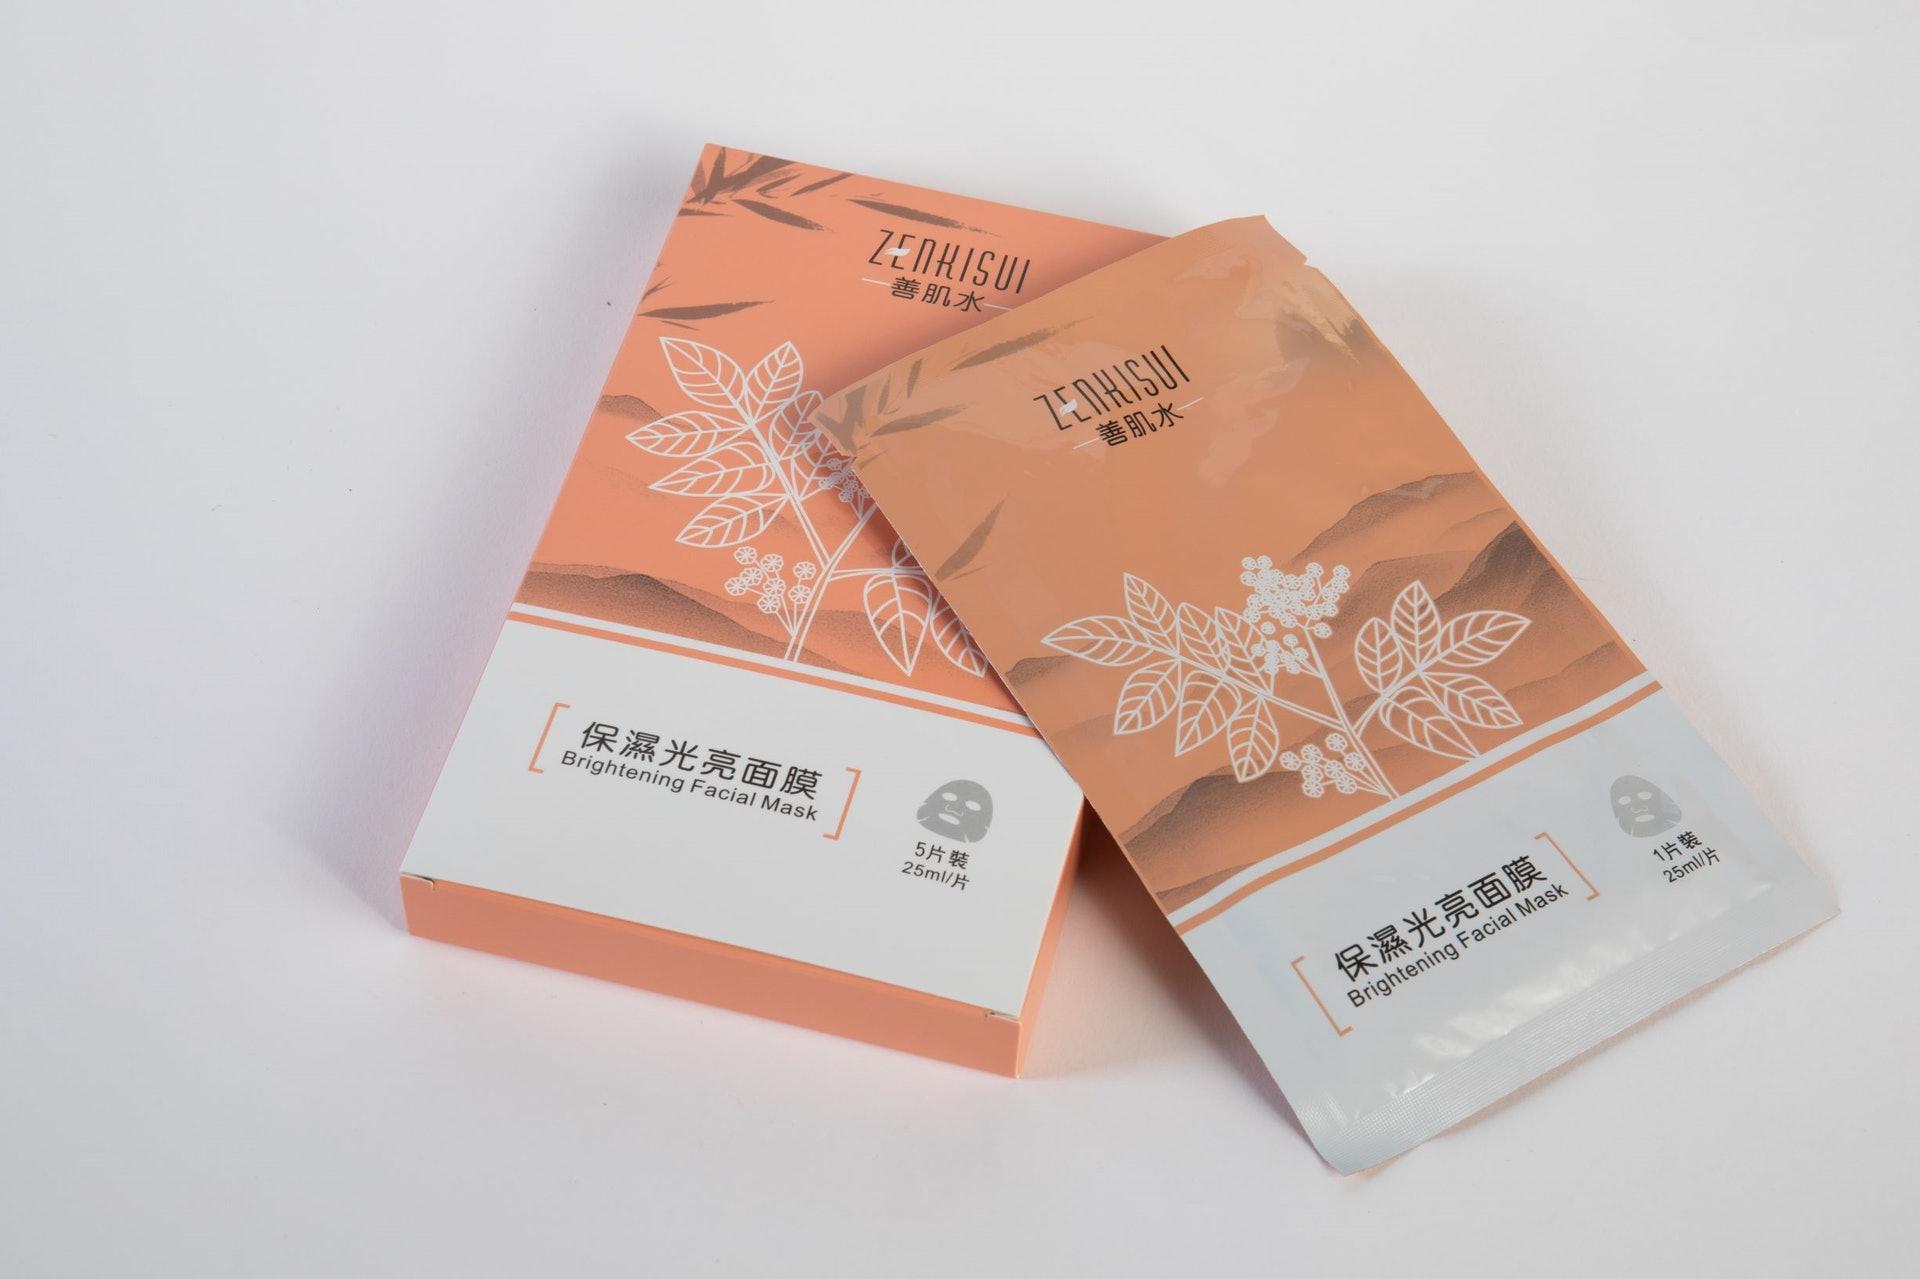 Zenkisui 善肌水 - 保濕光亮面膜,有助提亮肌膚,令肌膚更紅潤。